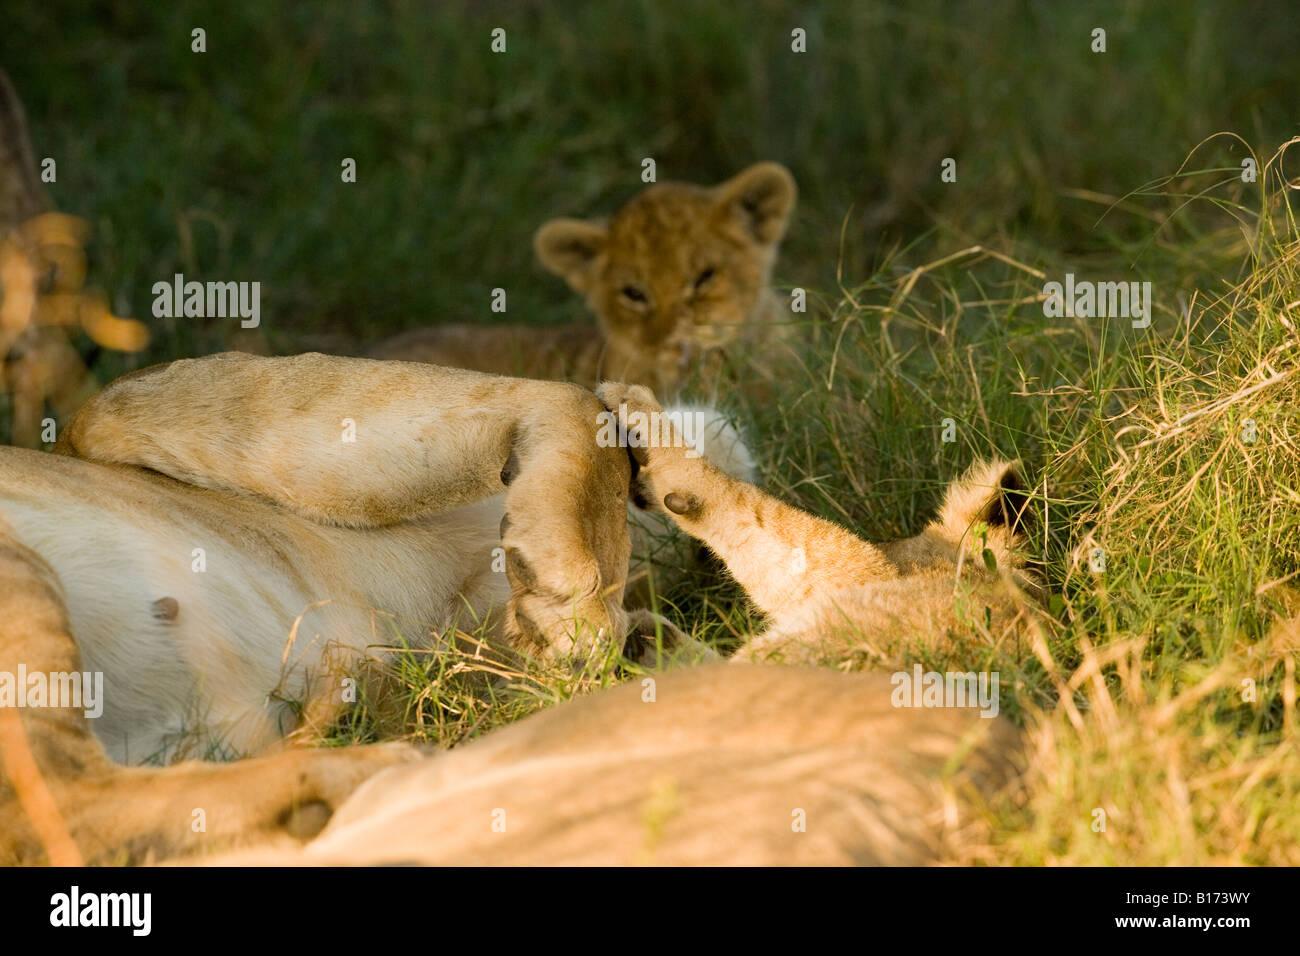 Libre de la mère et l'enfant lion cub toucher paws dormir couché dans l'herbe verte au soleil chaud, grandes et petites pattes arrière-plan soft touch Okavango Moremi Banque D'Images